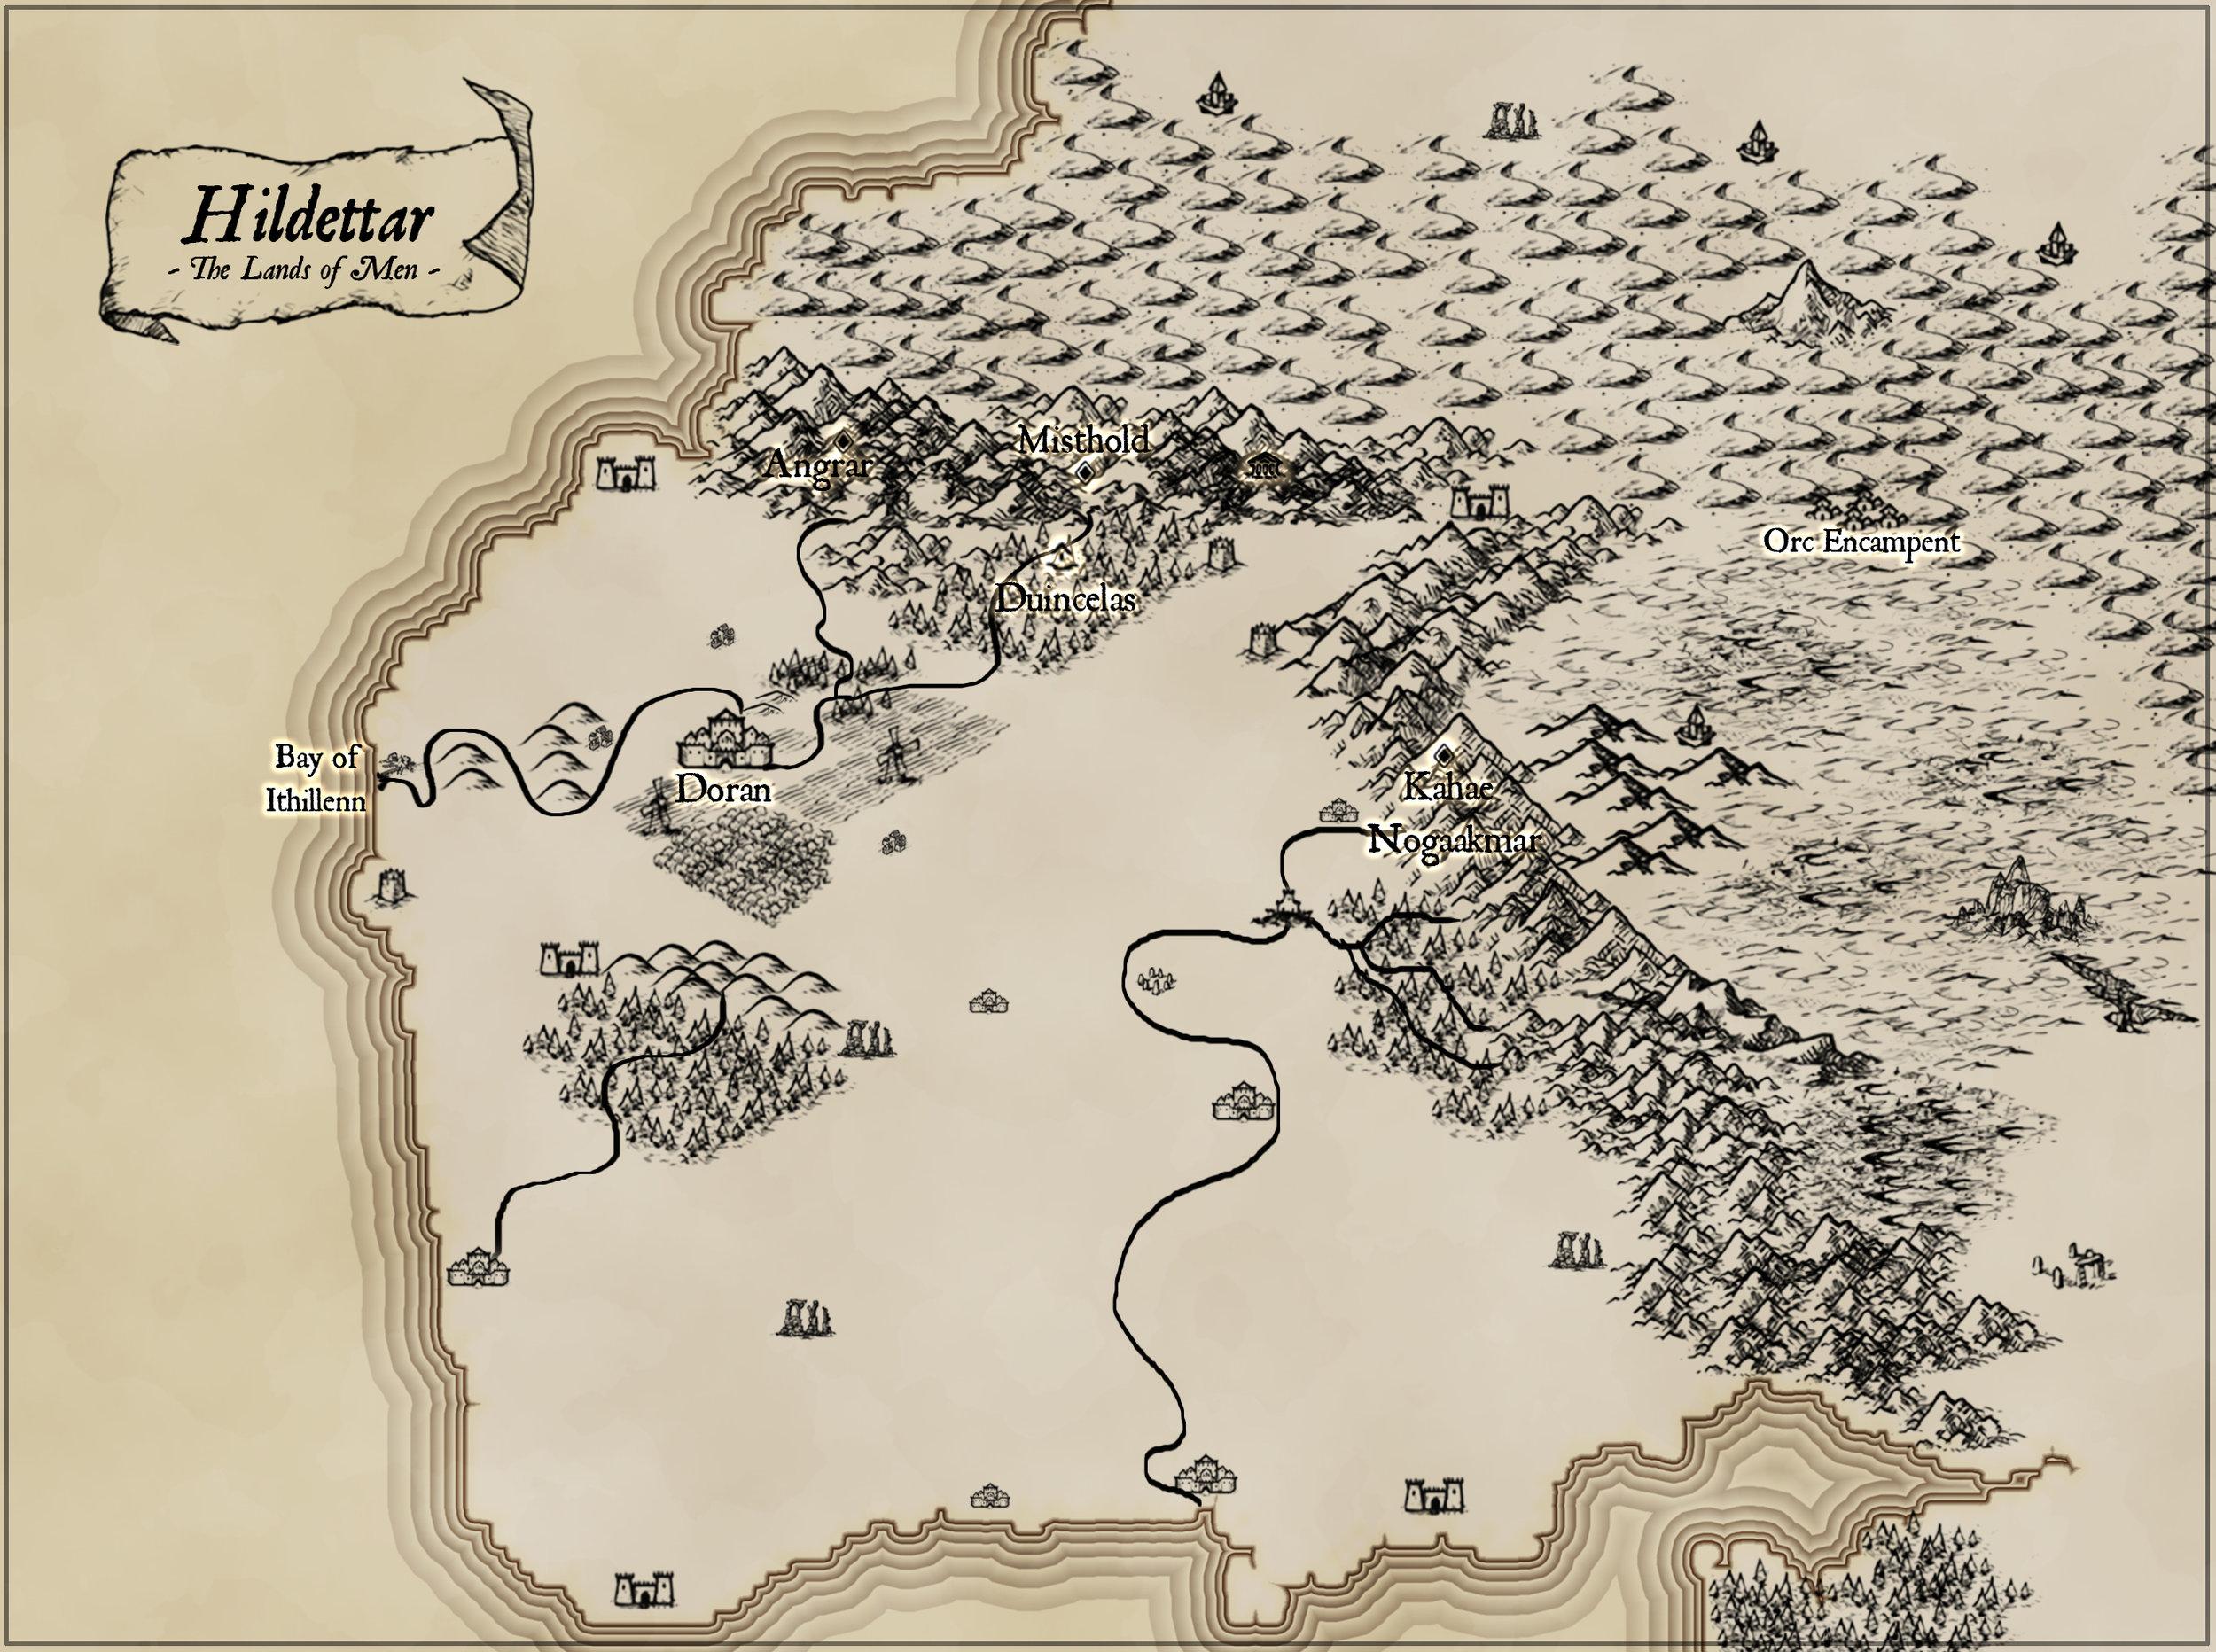 Hildettar, the Lands of Men